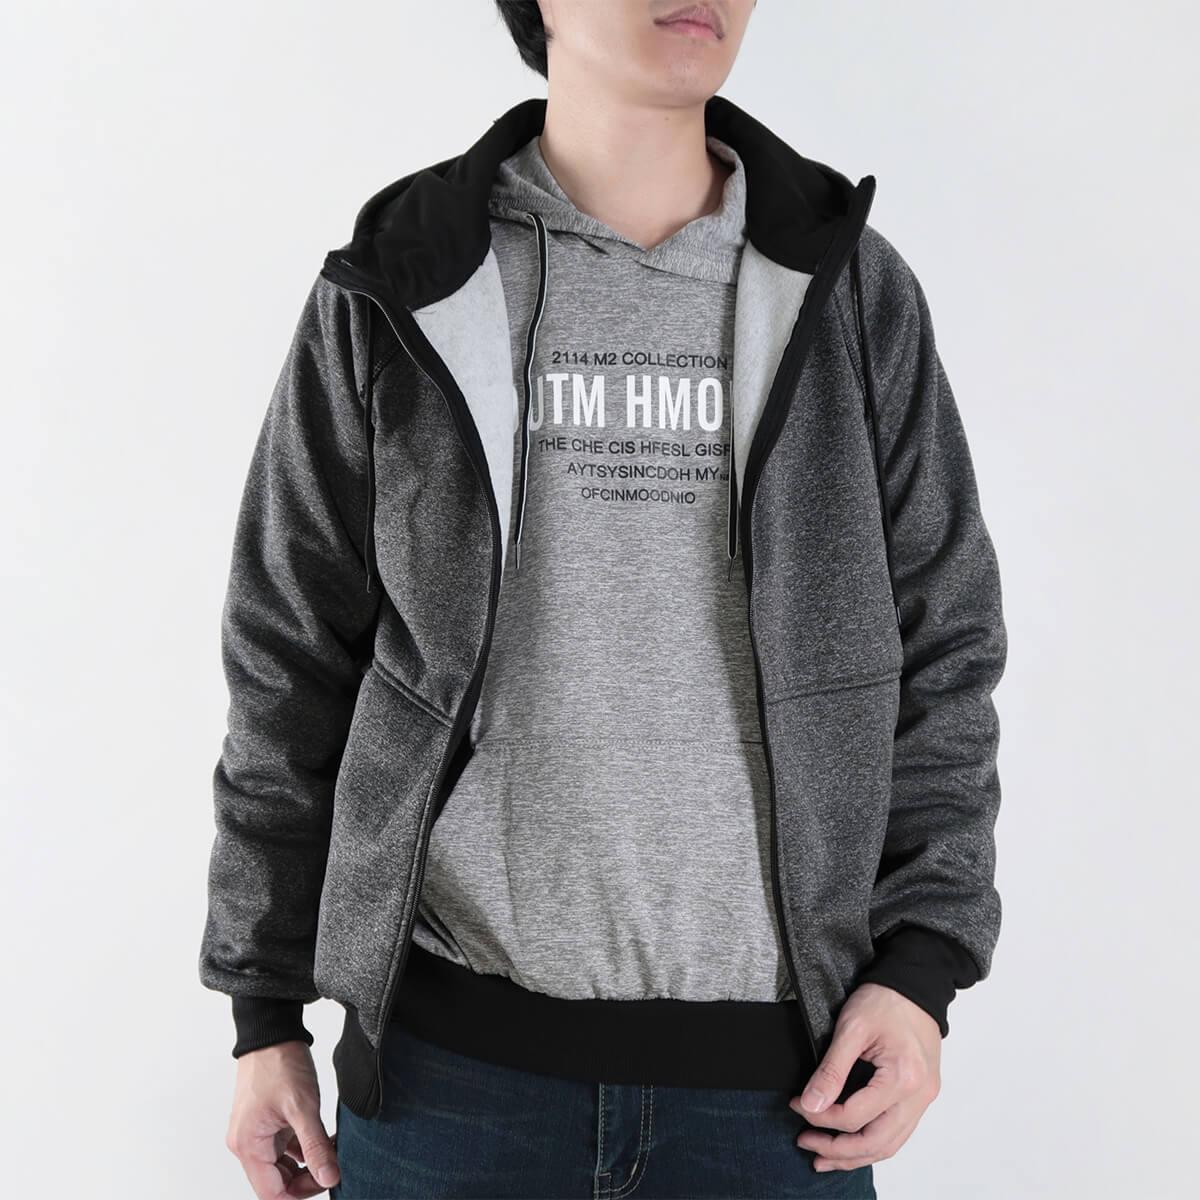 內刷毛連帽保暖外套 夾克外套 運動外套 休閒連帽外套 刷毛外套 黑色外套 時尚穿搭 WARM FLEECE LINED JACKETS (321-8916-01)淺灰色、(321-8916-02)深灰色、(321-8916-03)黑色 L XL 2L(胸圍46~50英吋) [實體店面保障] sun-e 2